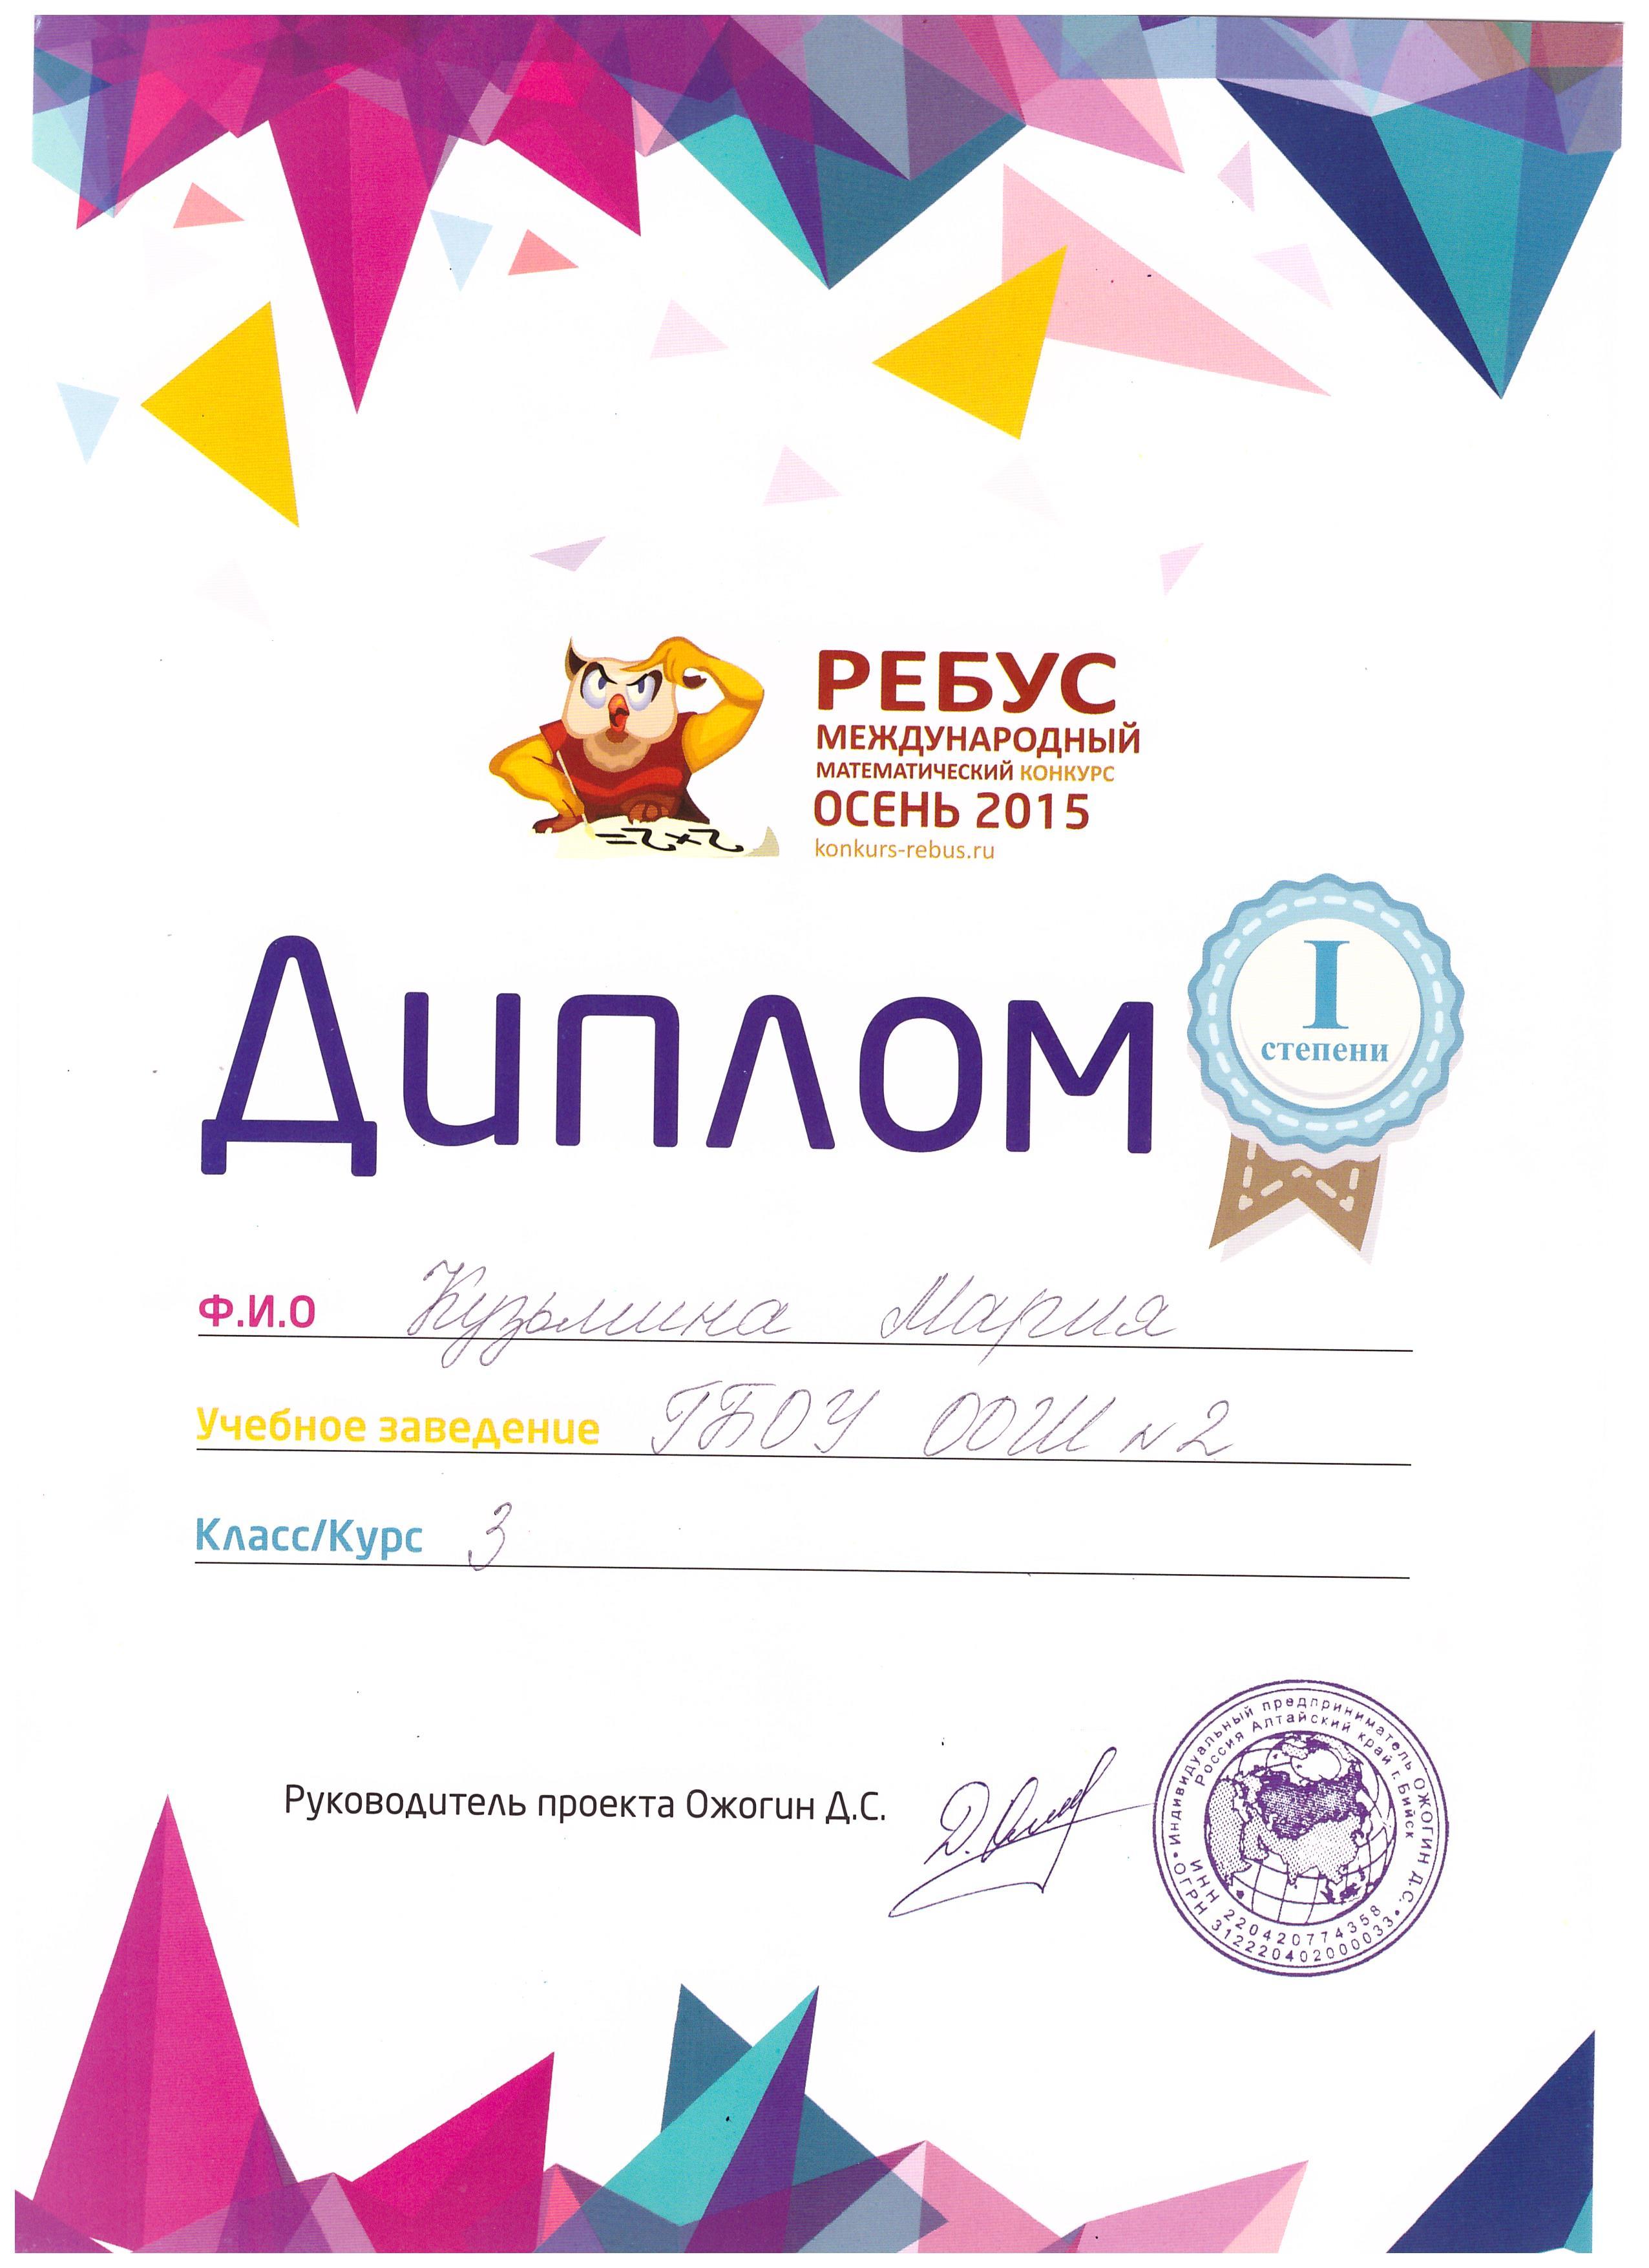 Итоги международного математического конкурса 1